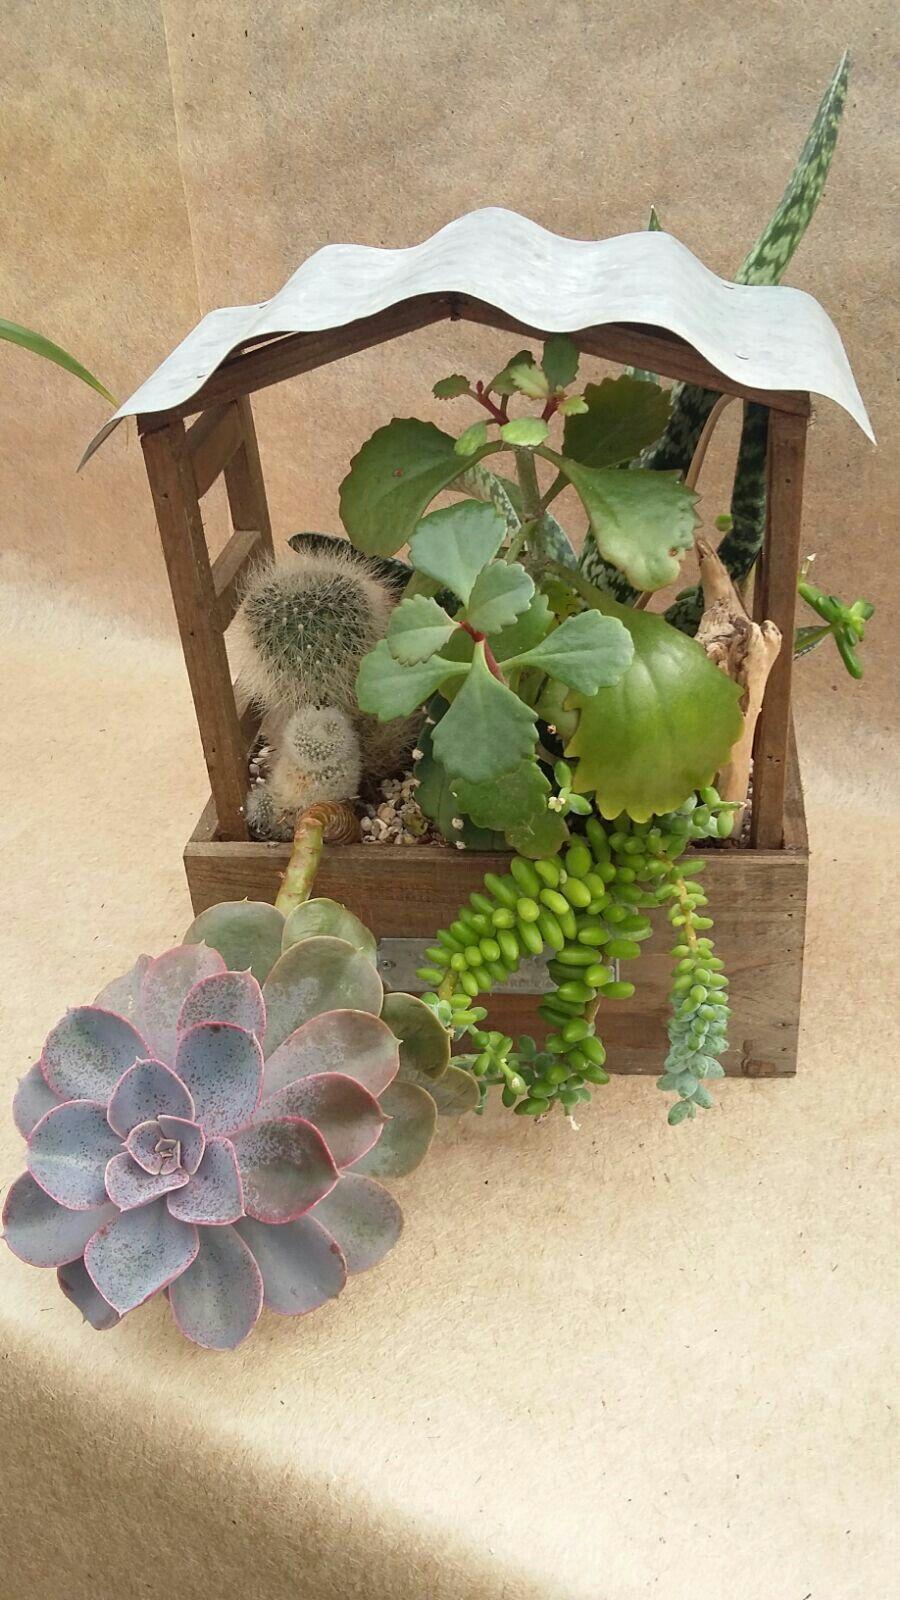 Composizione piante grasse piante grasse pinterest - Composizione piante grasse giardino ...